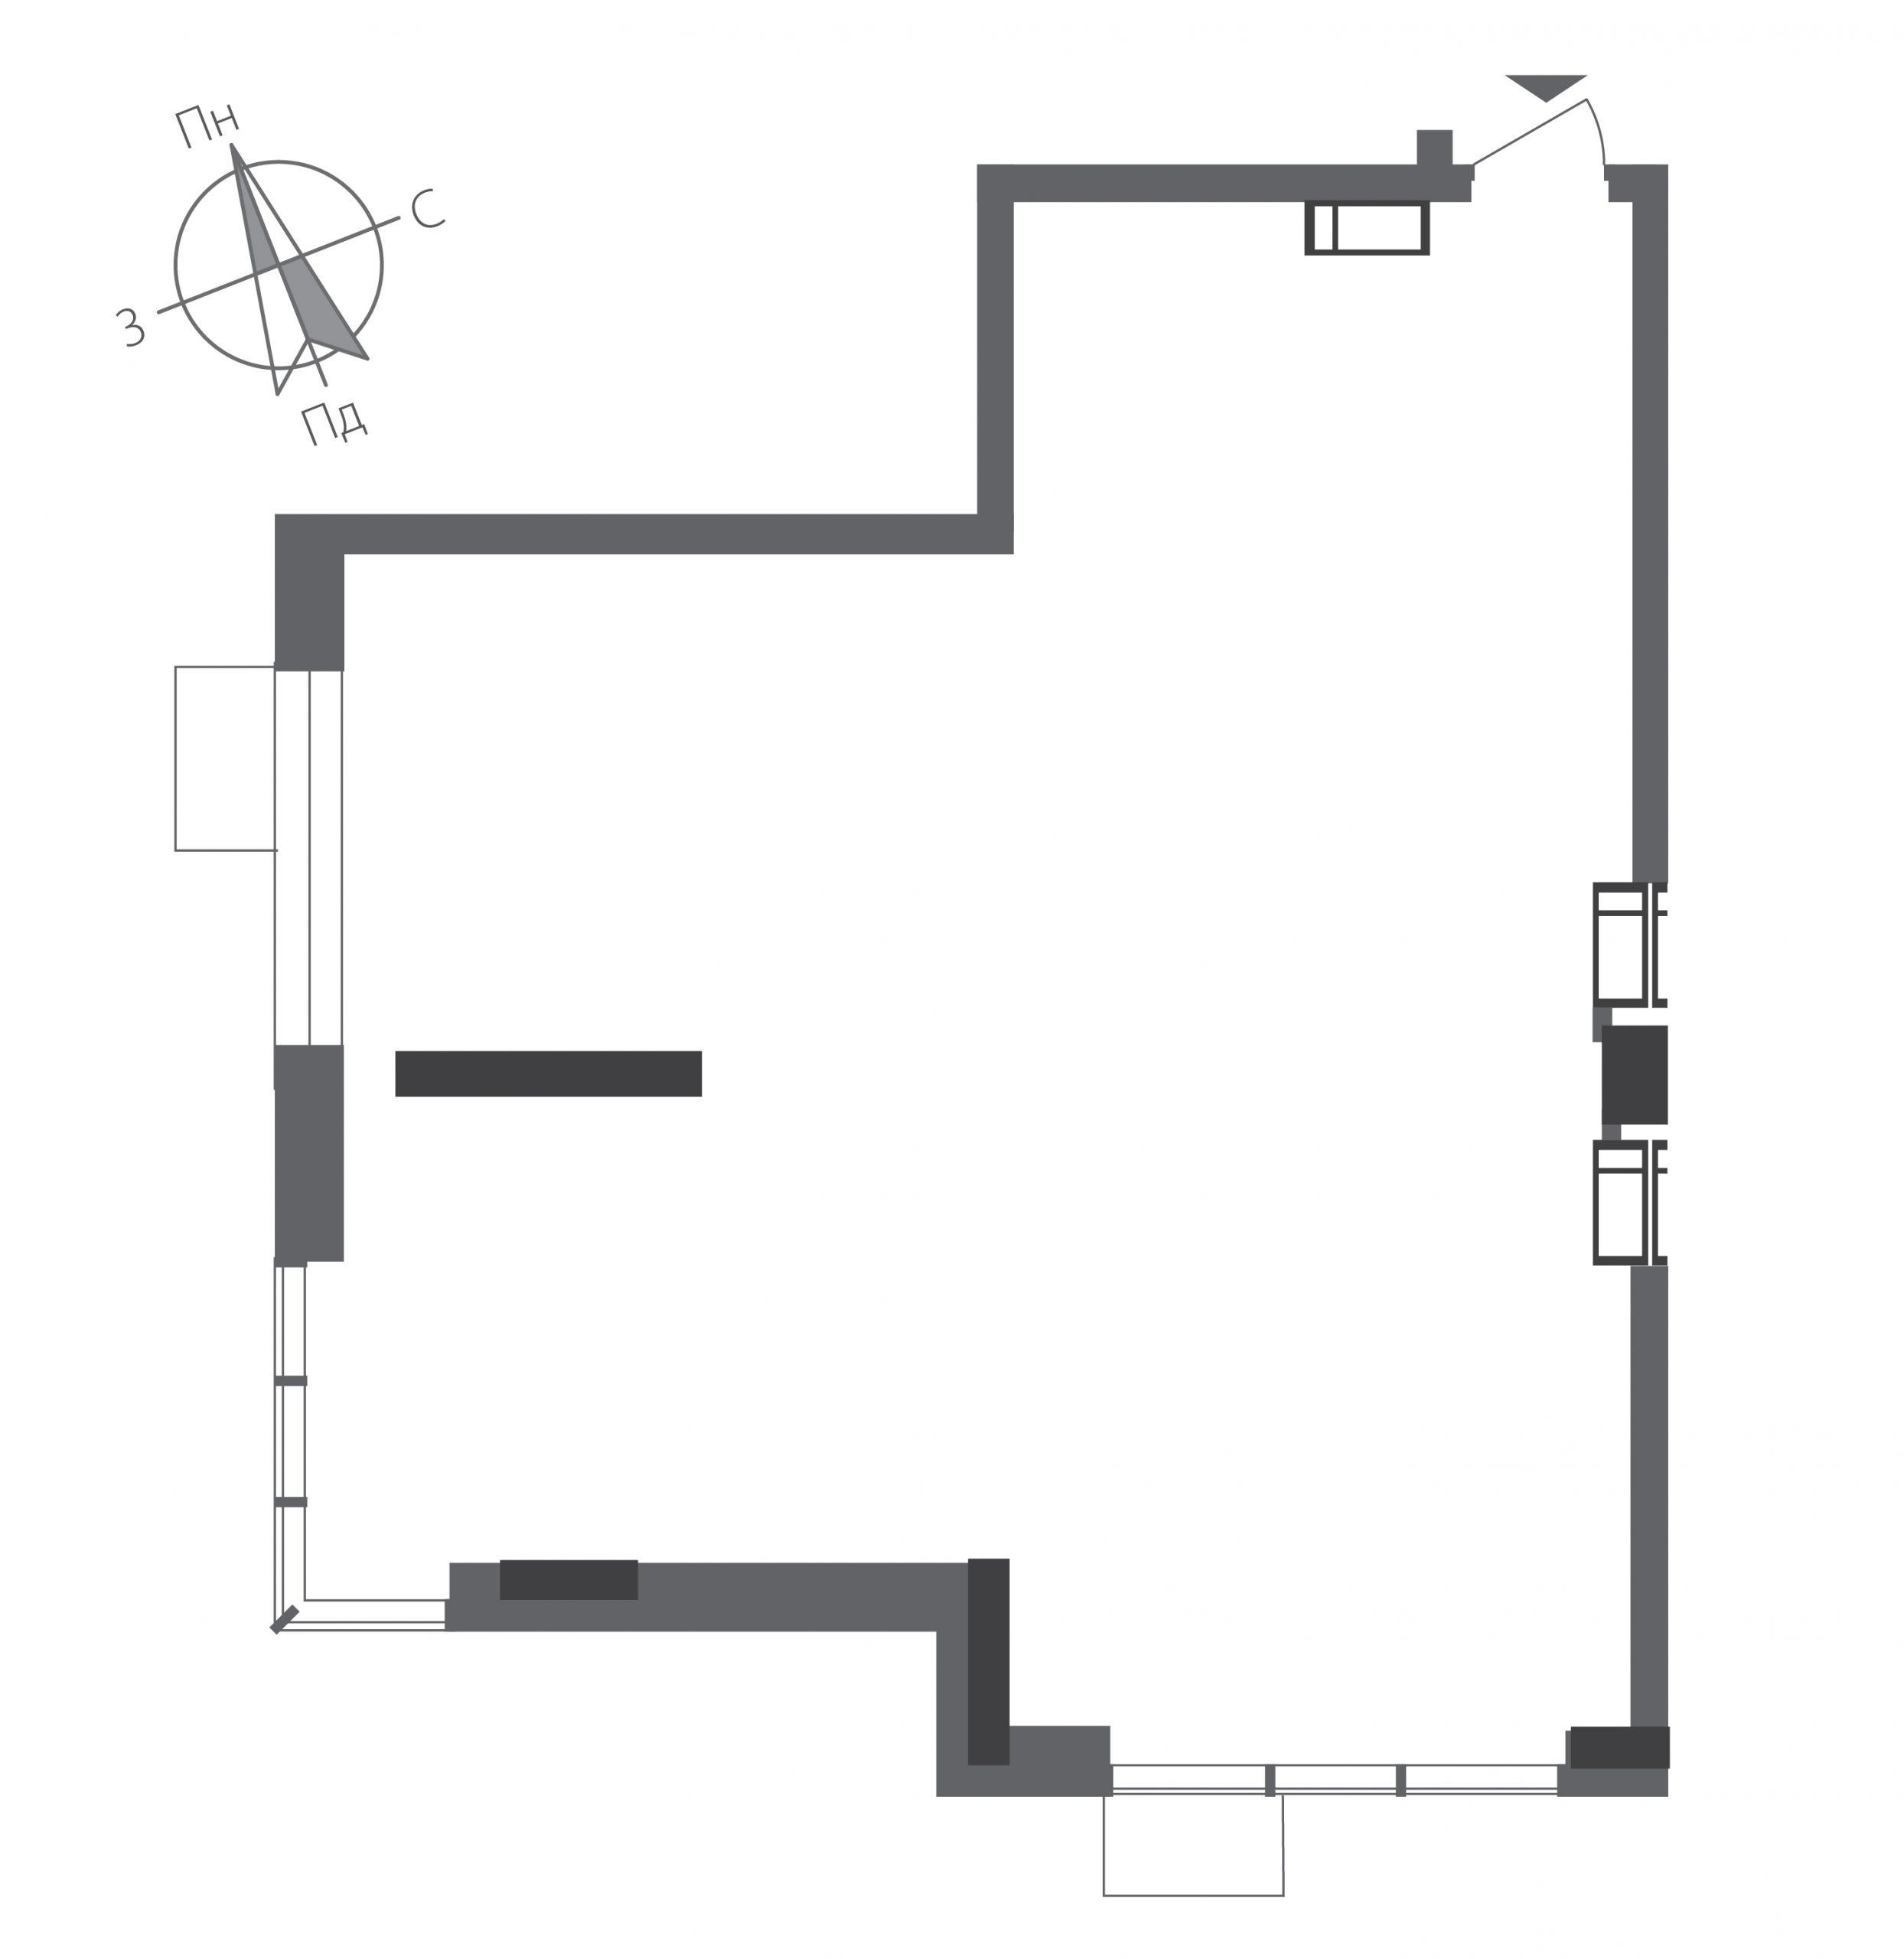 Номер квартиры №0303, Дом 9, Этаж 3, Полная площадь 82,01